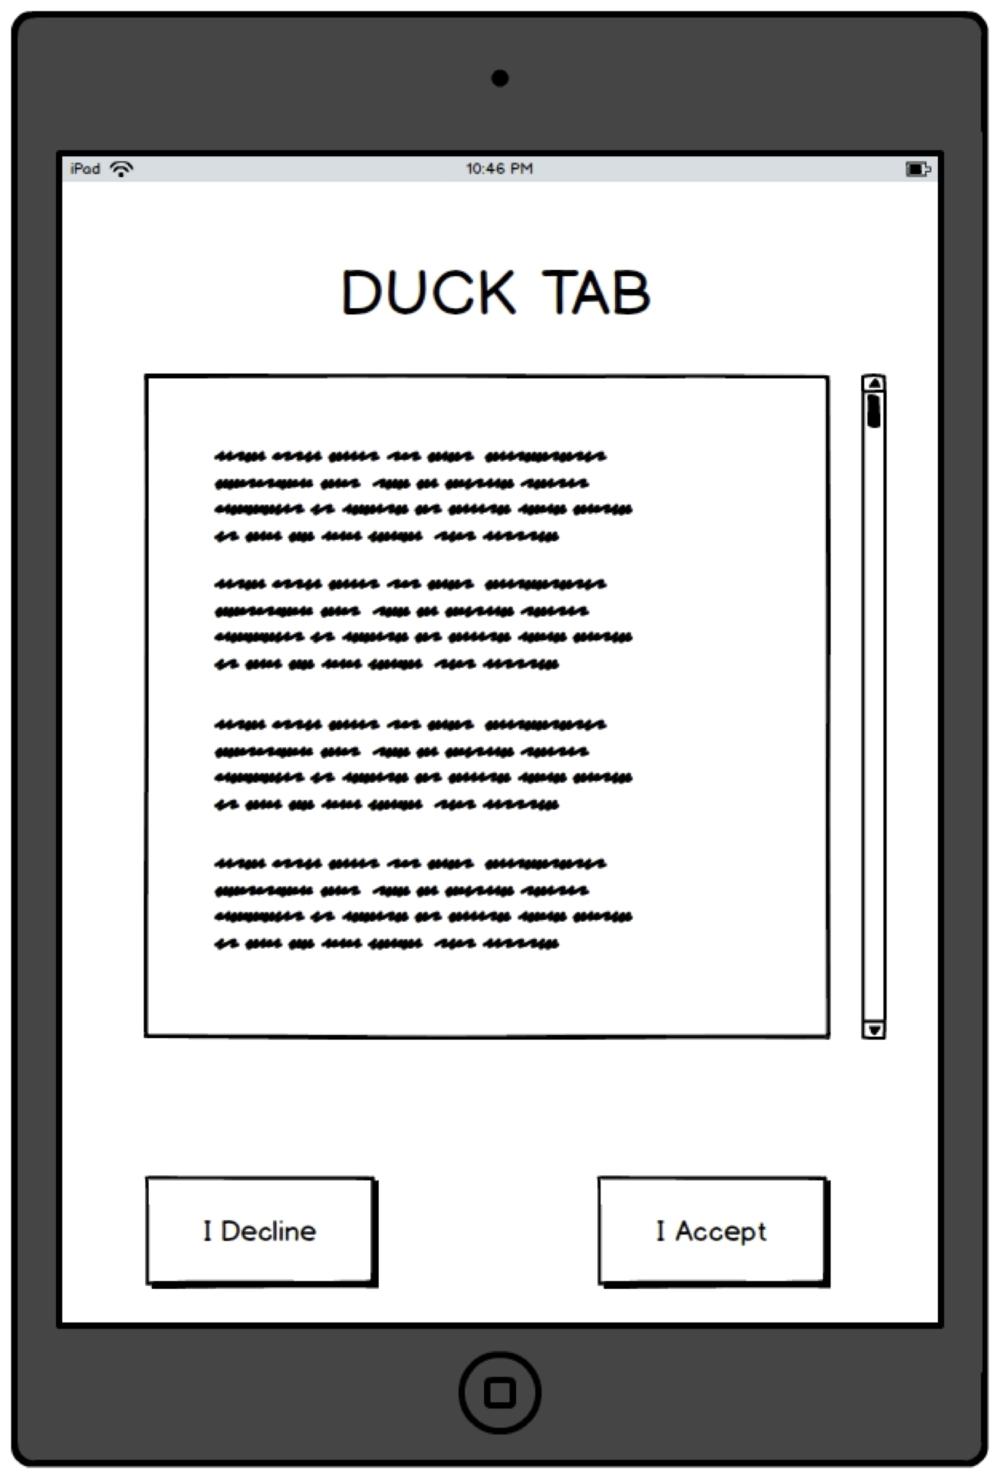 DucktabMockups_1.png